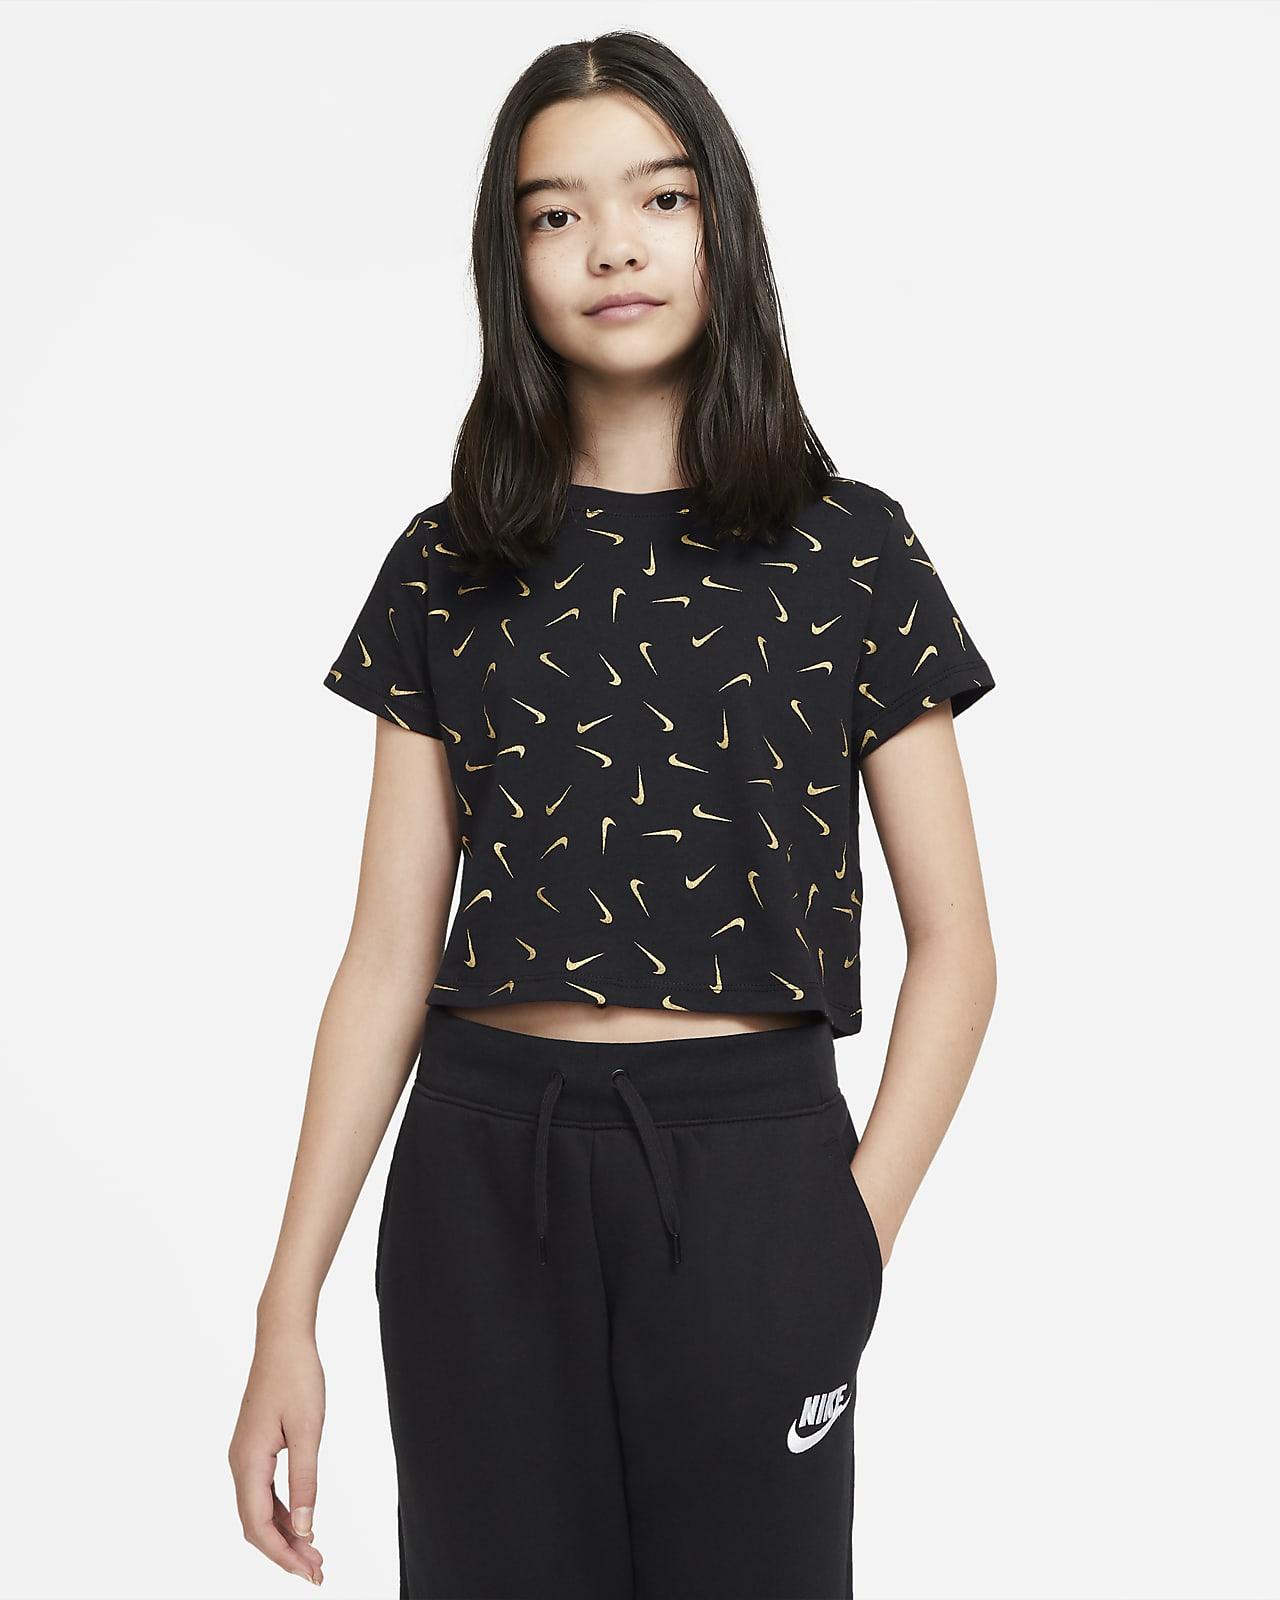 Zkrácené tričko Nike Sportswear pro větší děti (dívky)